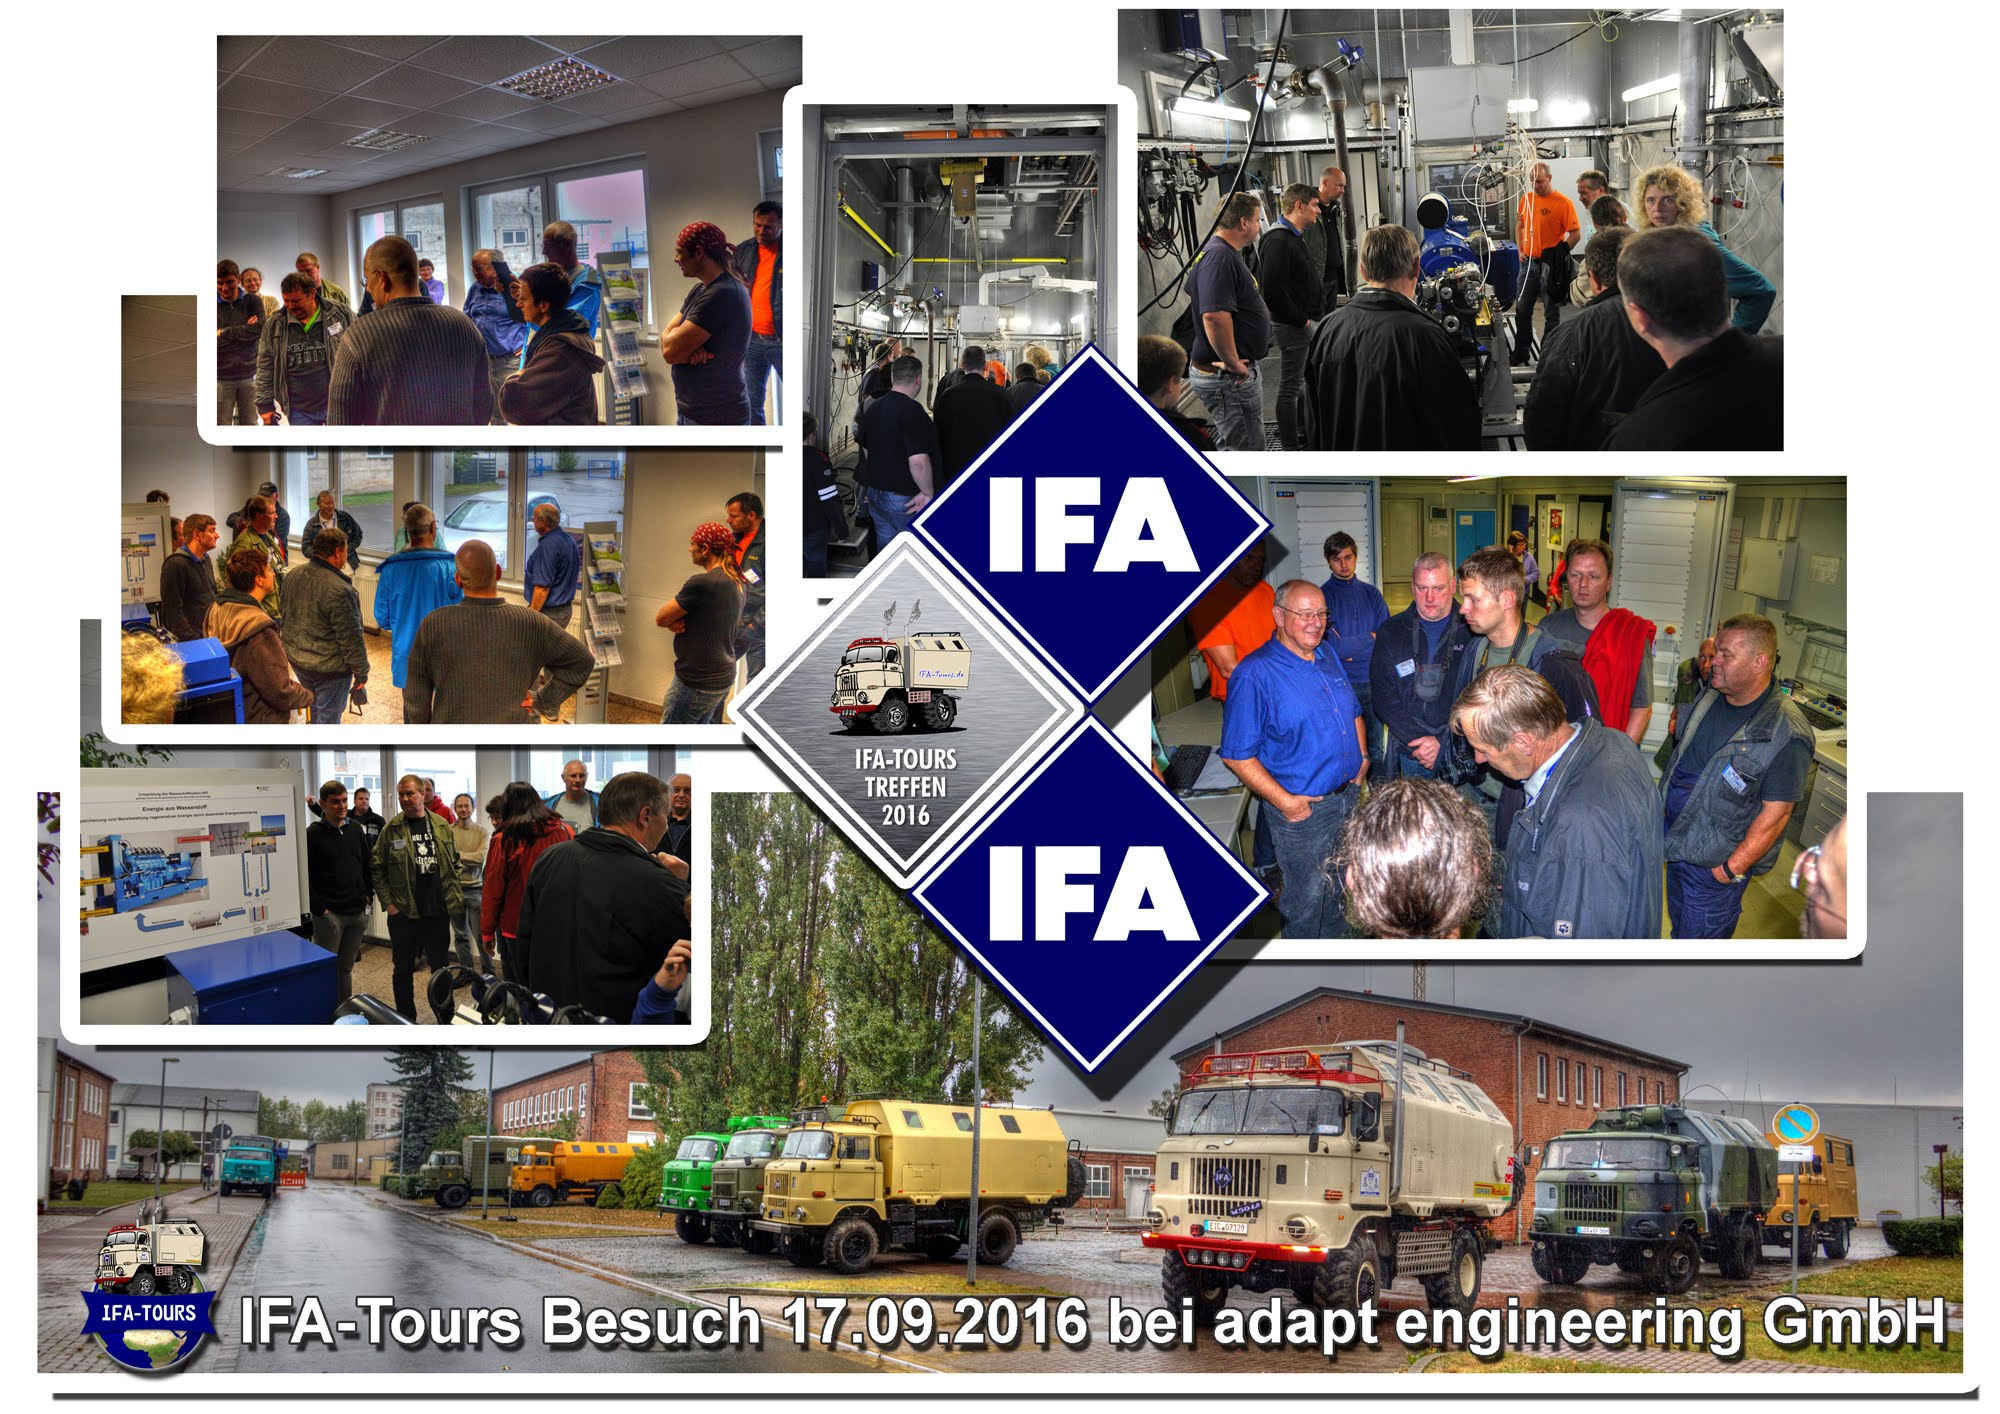 IFA-Tours Treffen 2016 Nordhausen - Besuch Motorenprüfstände